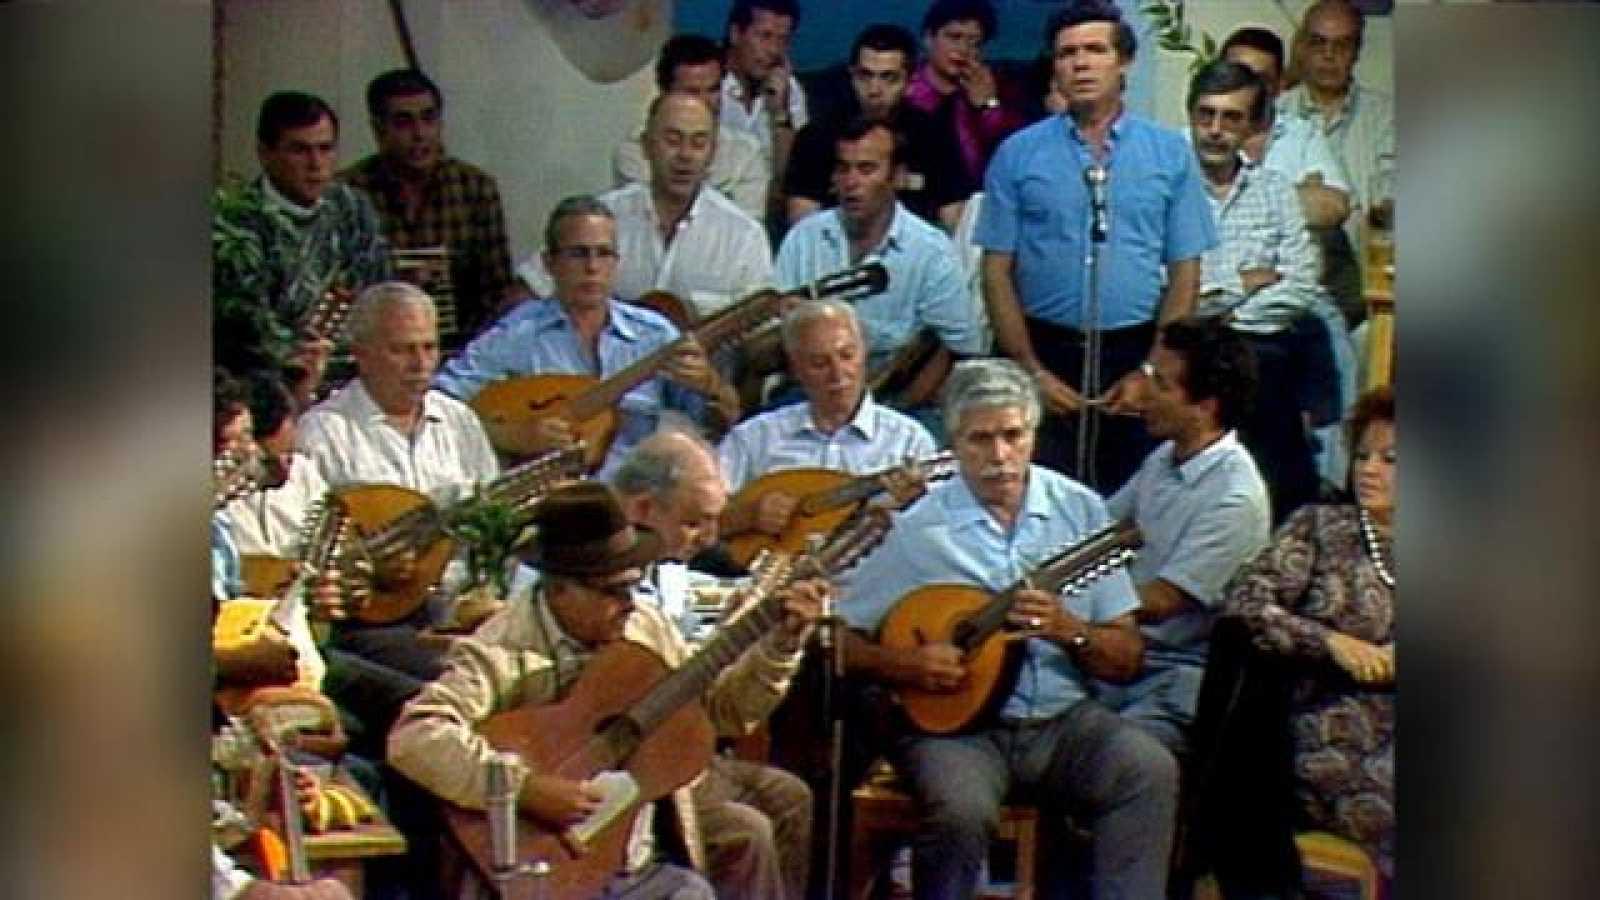 Tenderete - 09/06/2019 Los Cebolleros, A F  El Madroño, Amigos del folklore  y Coros y Danzas Aythami en una nueva cita con la historia de Tenderete